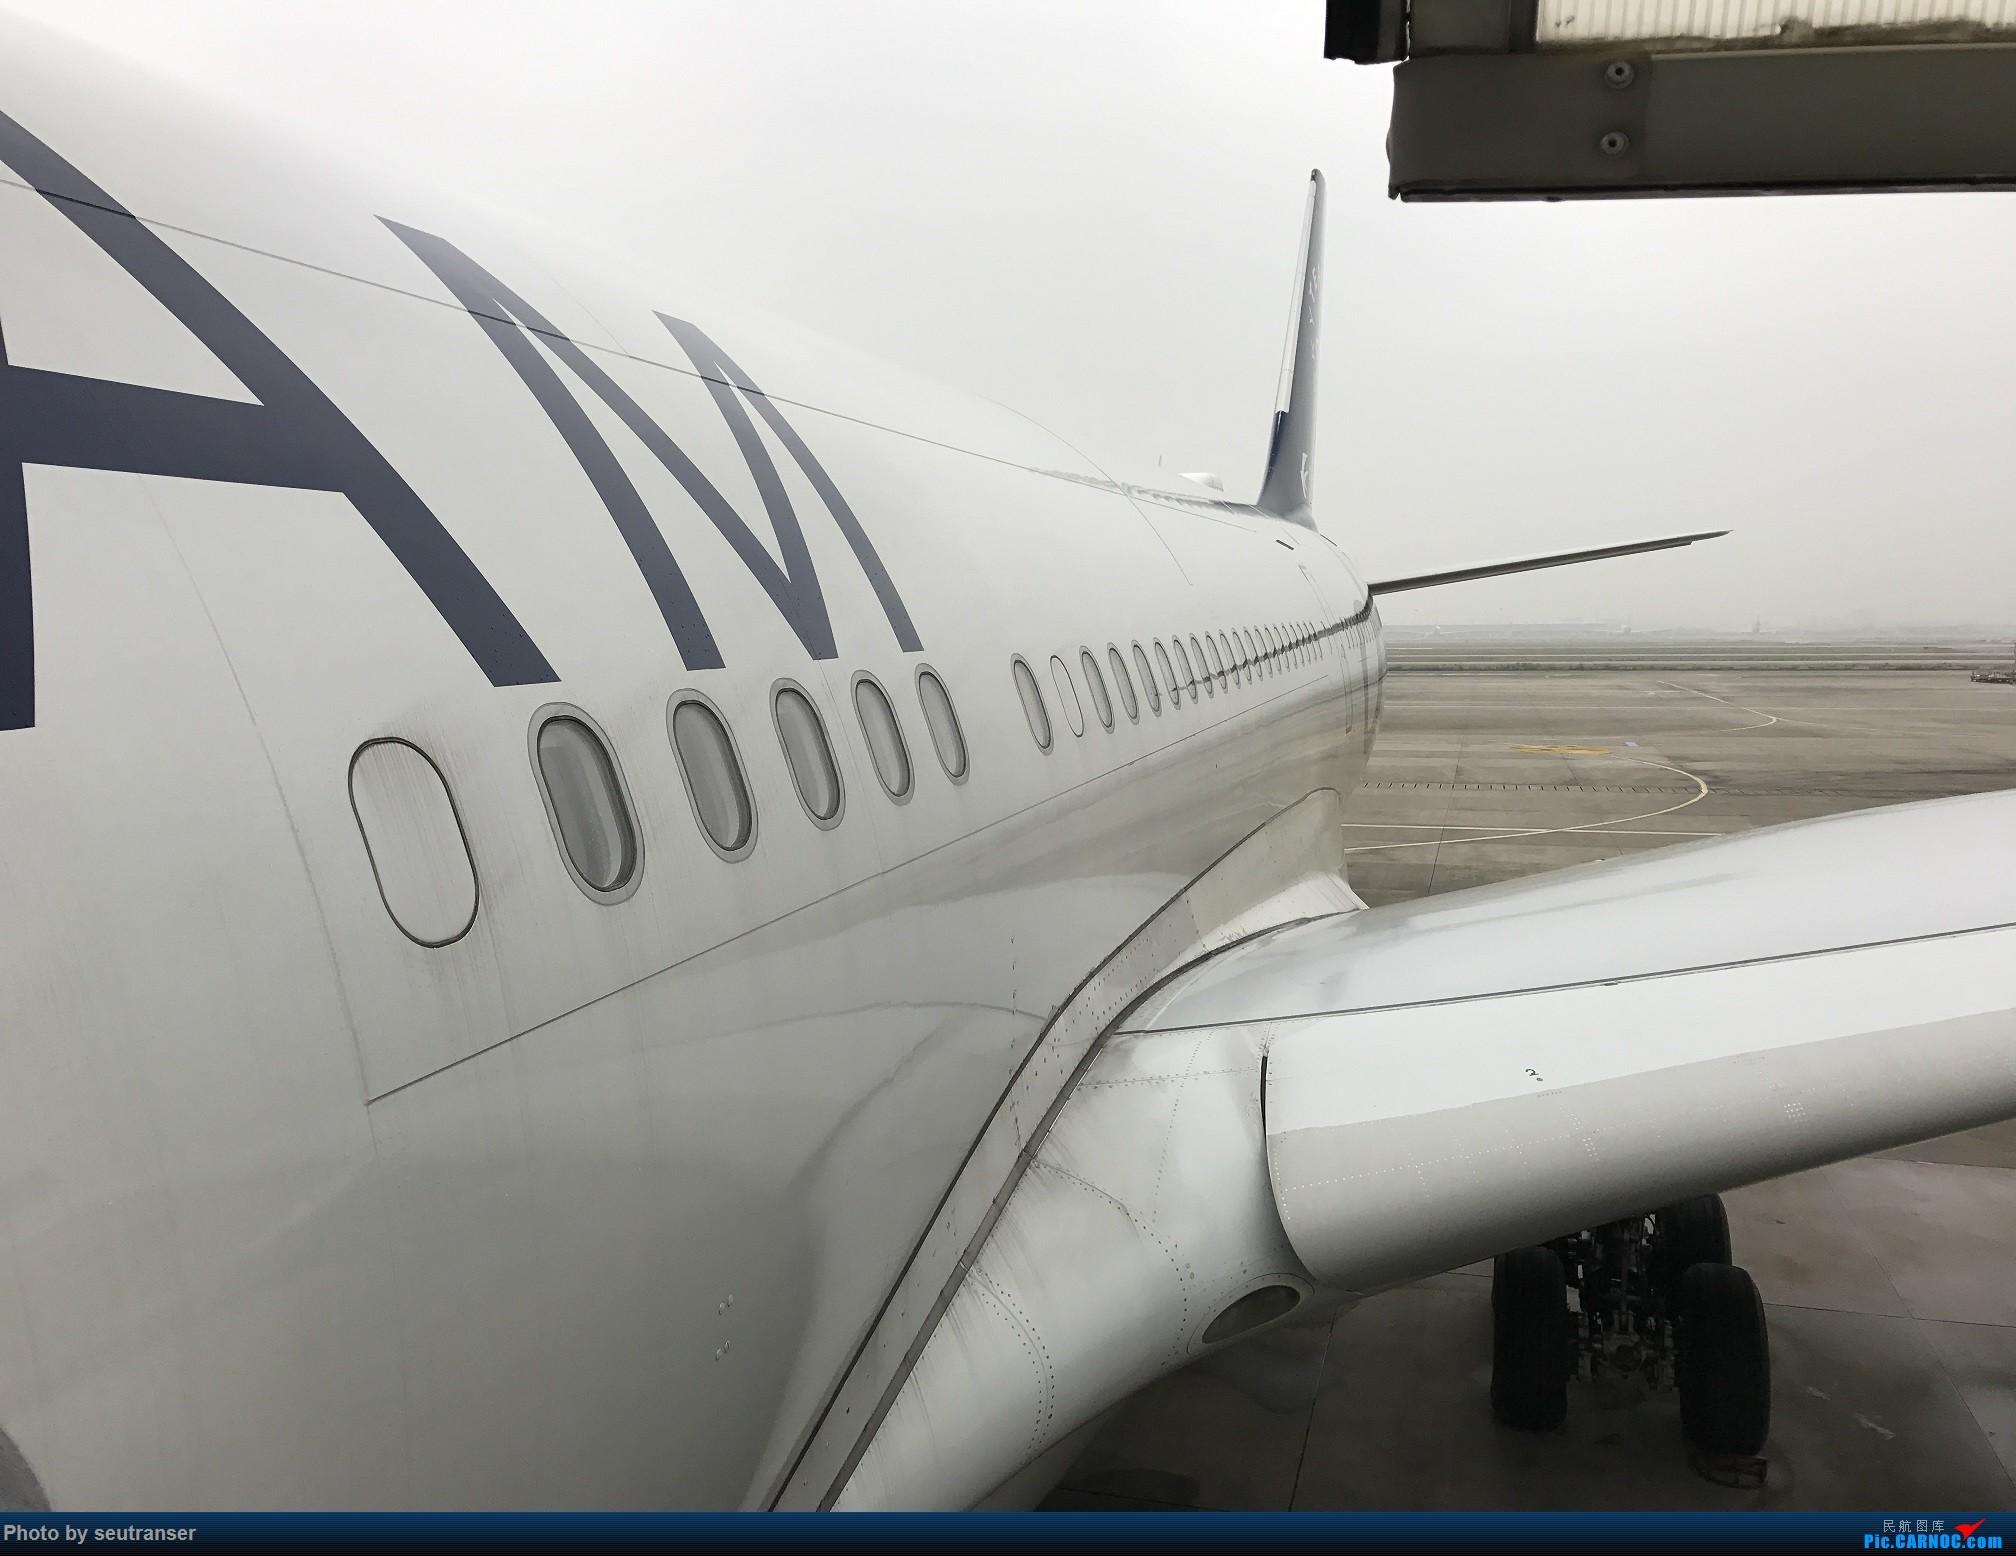 Re:[原创]迟到一年的游记,记第一次出国游—日本 AIRBUS A330-200 B-6538 上海浦东国际机场